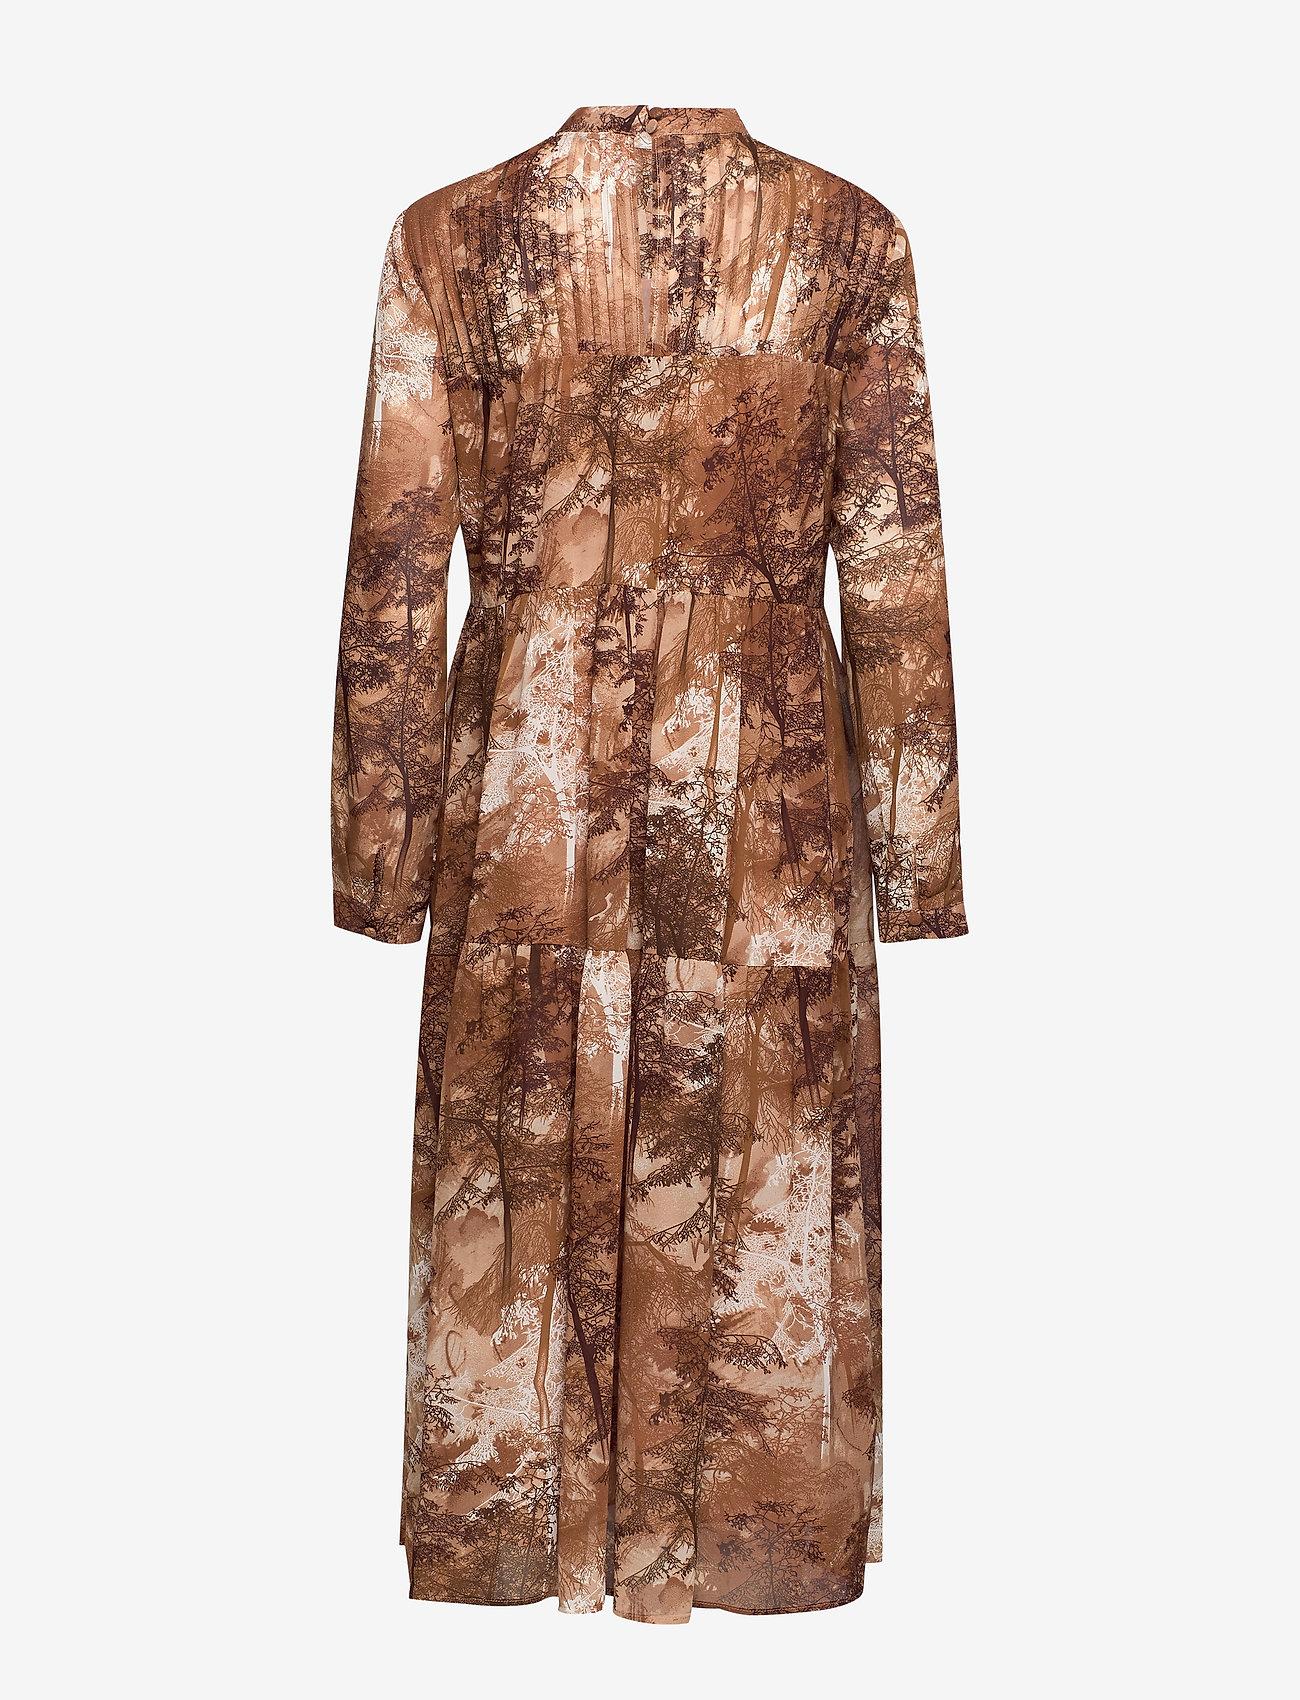 Selected Femme - SLFFOREST-SPILLE LS DRESS EX - robes chemises - thrush - 1